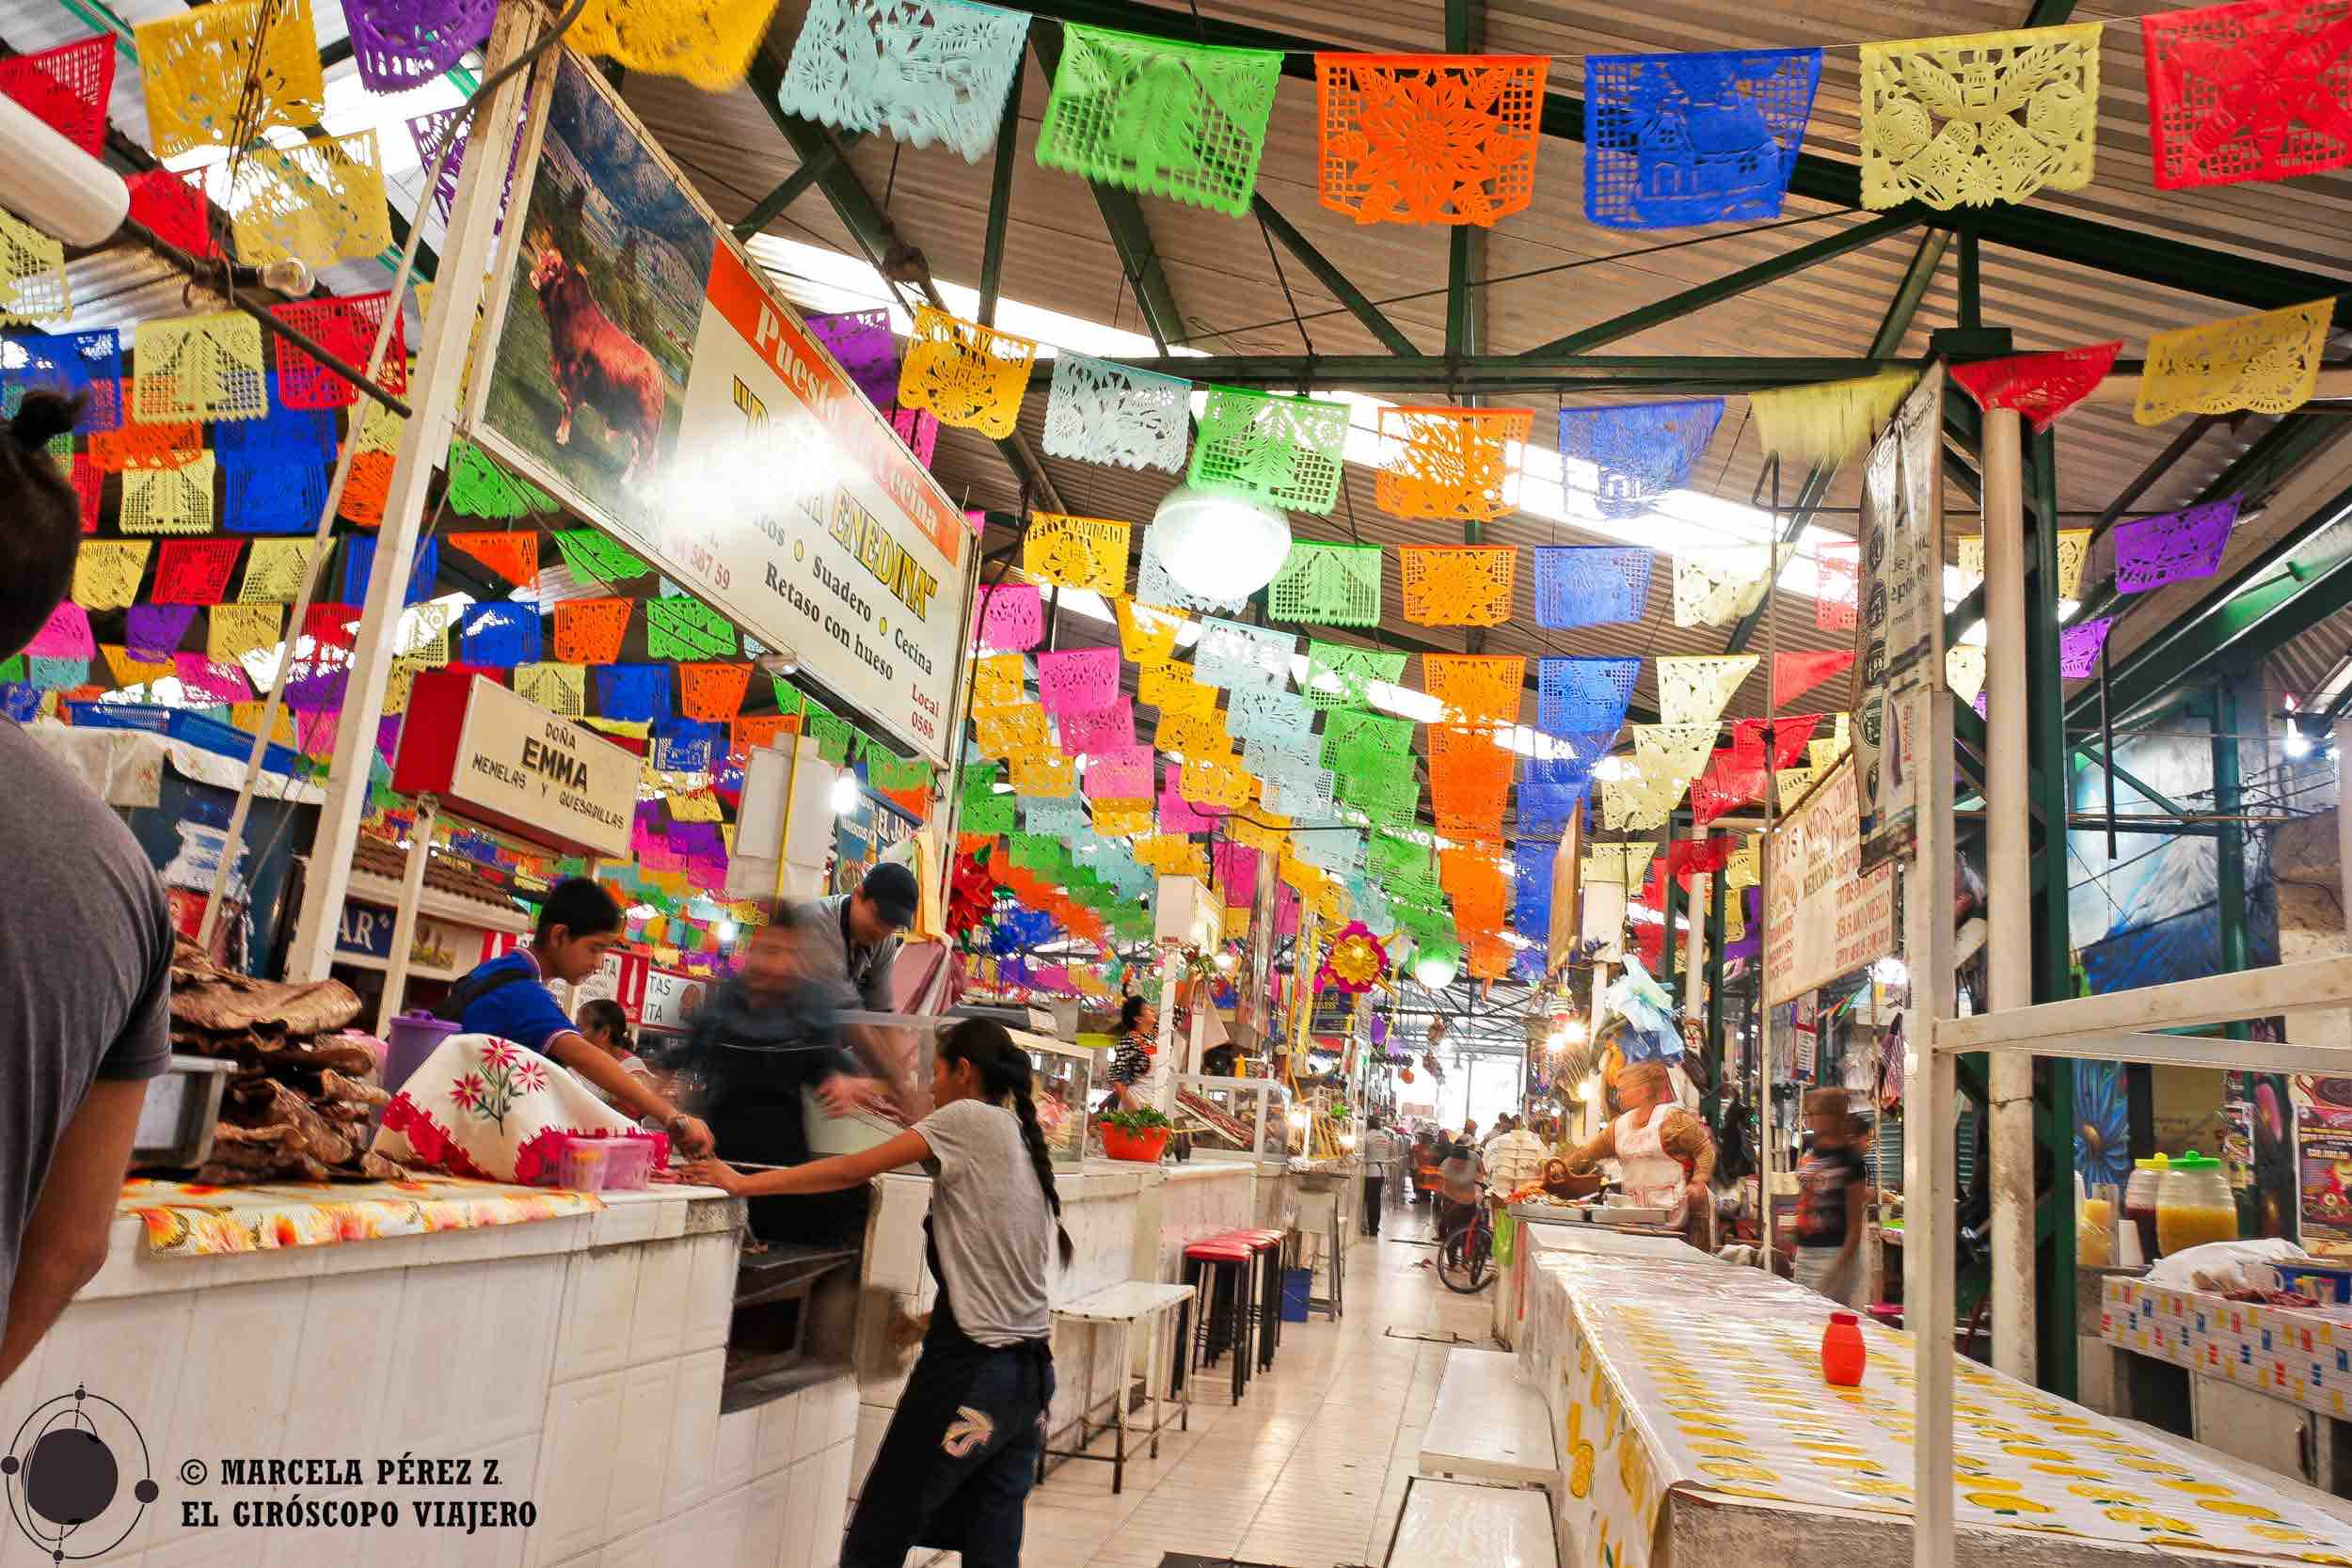 No podía ser más colorido el mercado local de Atlixco con su deliciosa oferta gastronómica. Alegrando todos los sentidos